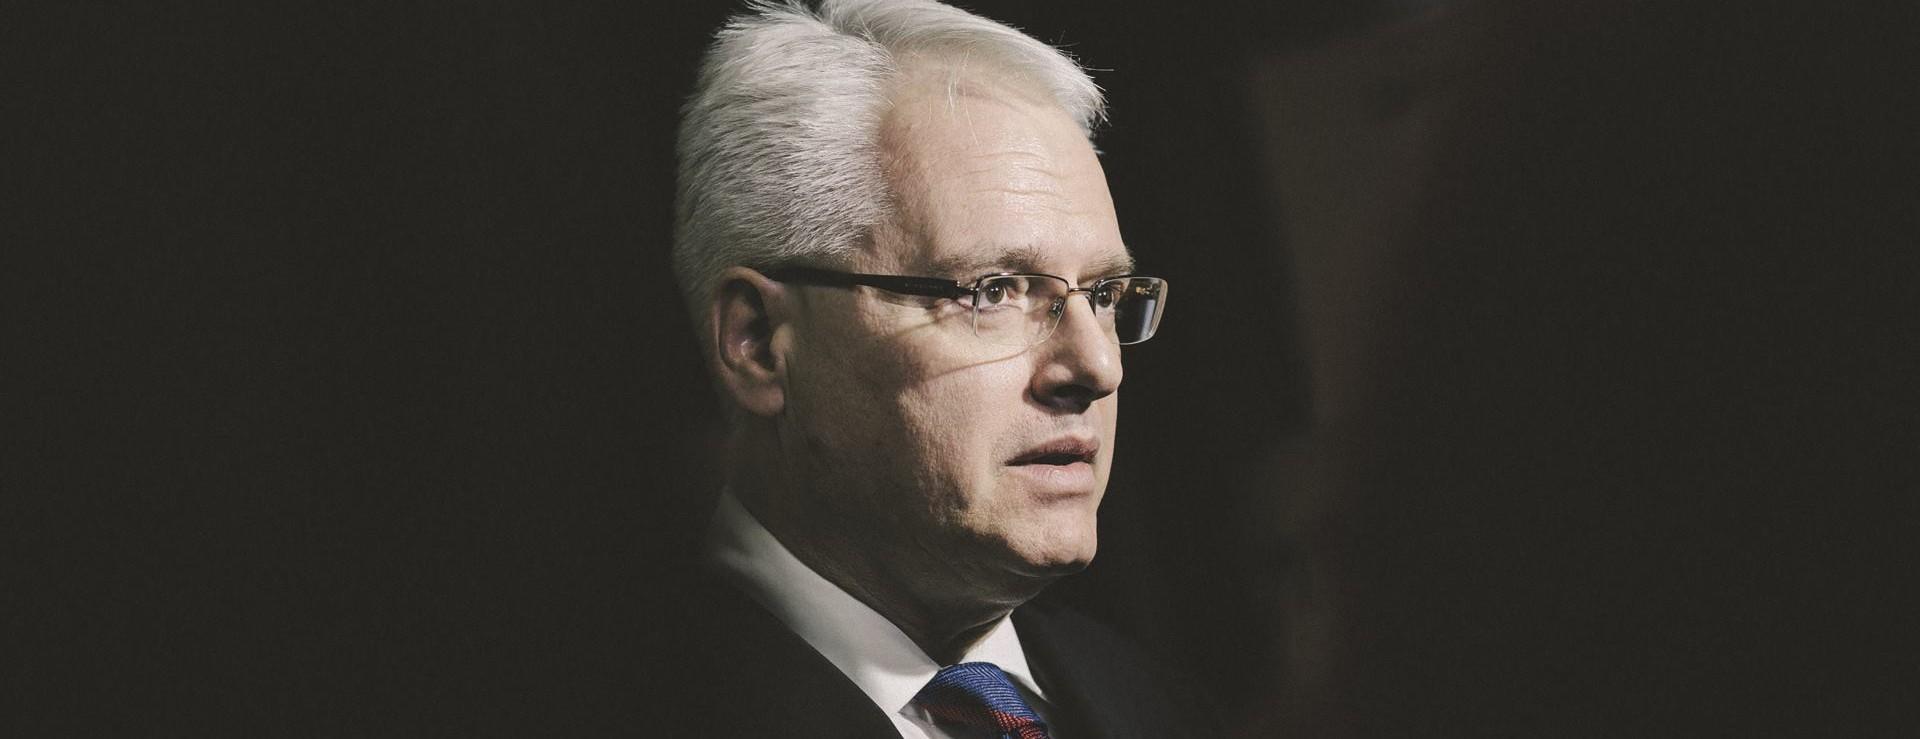 IVO JOSIPOVIĆ: 'Kolinda i Karamarko ugrožavaju demokraciju u Hrvatskoj'